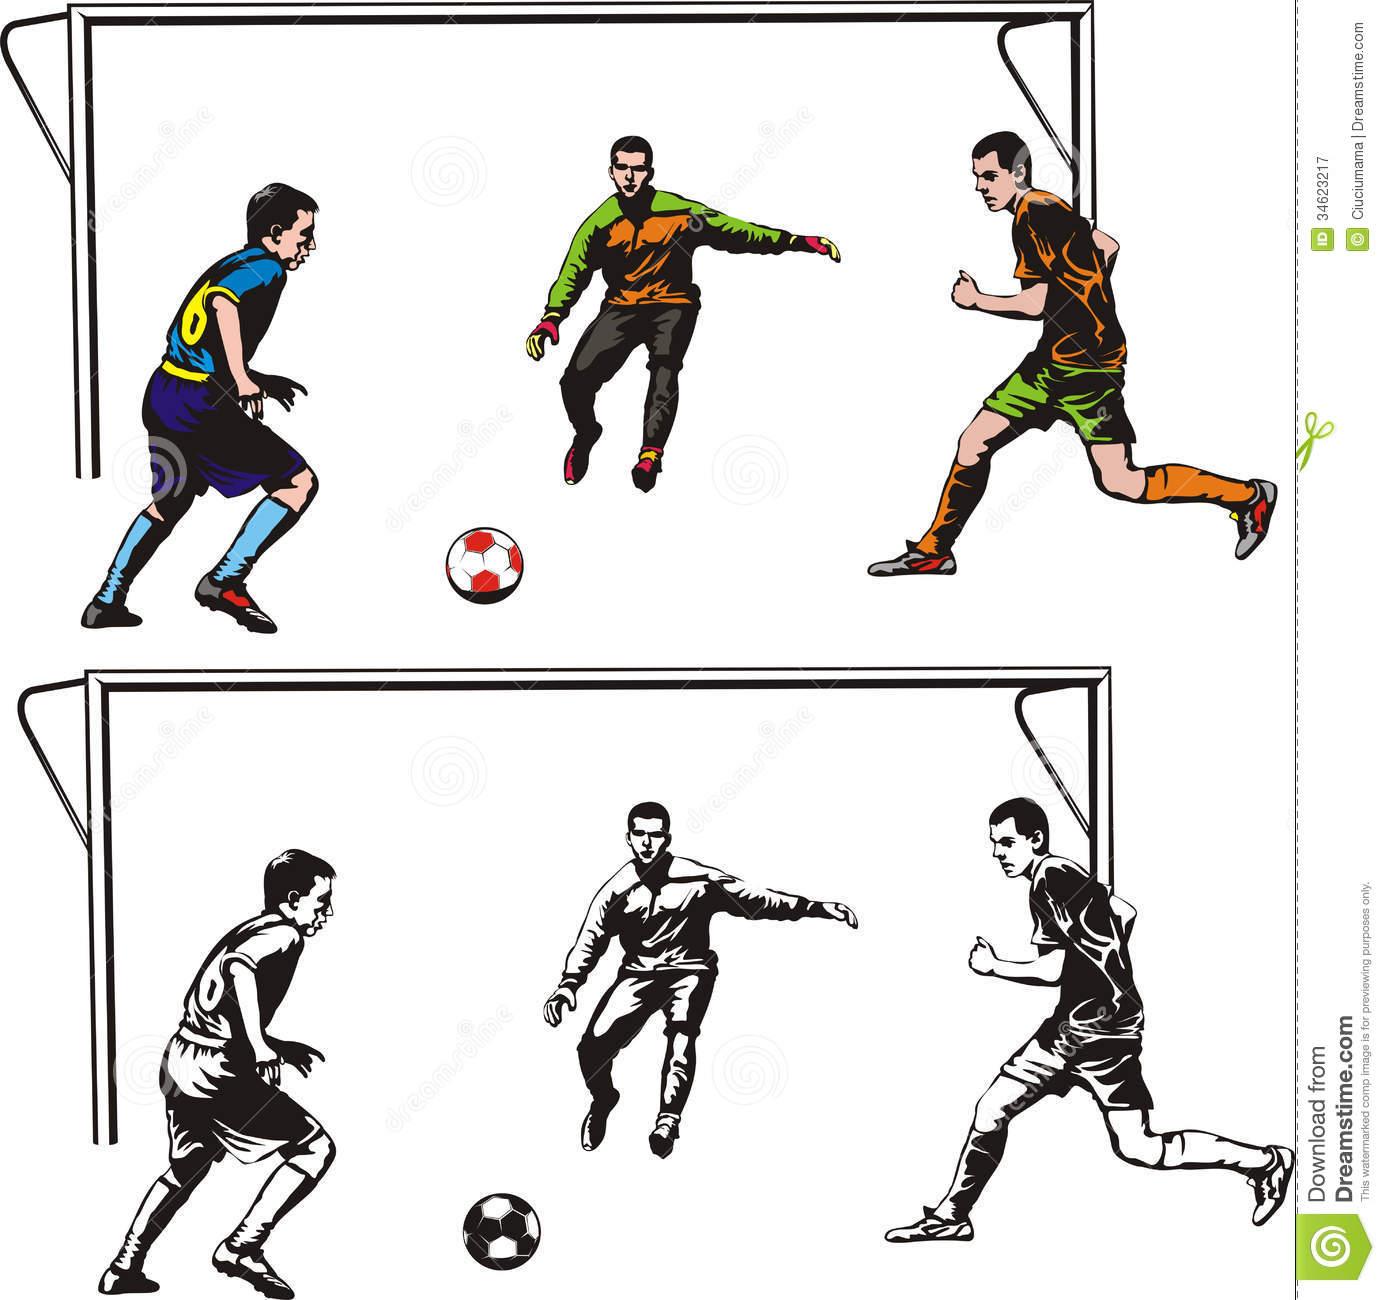 Team Football Game Clip Art.